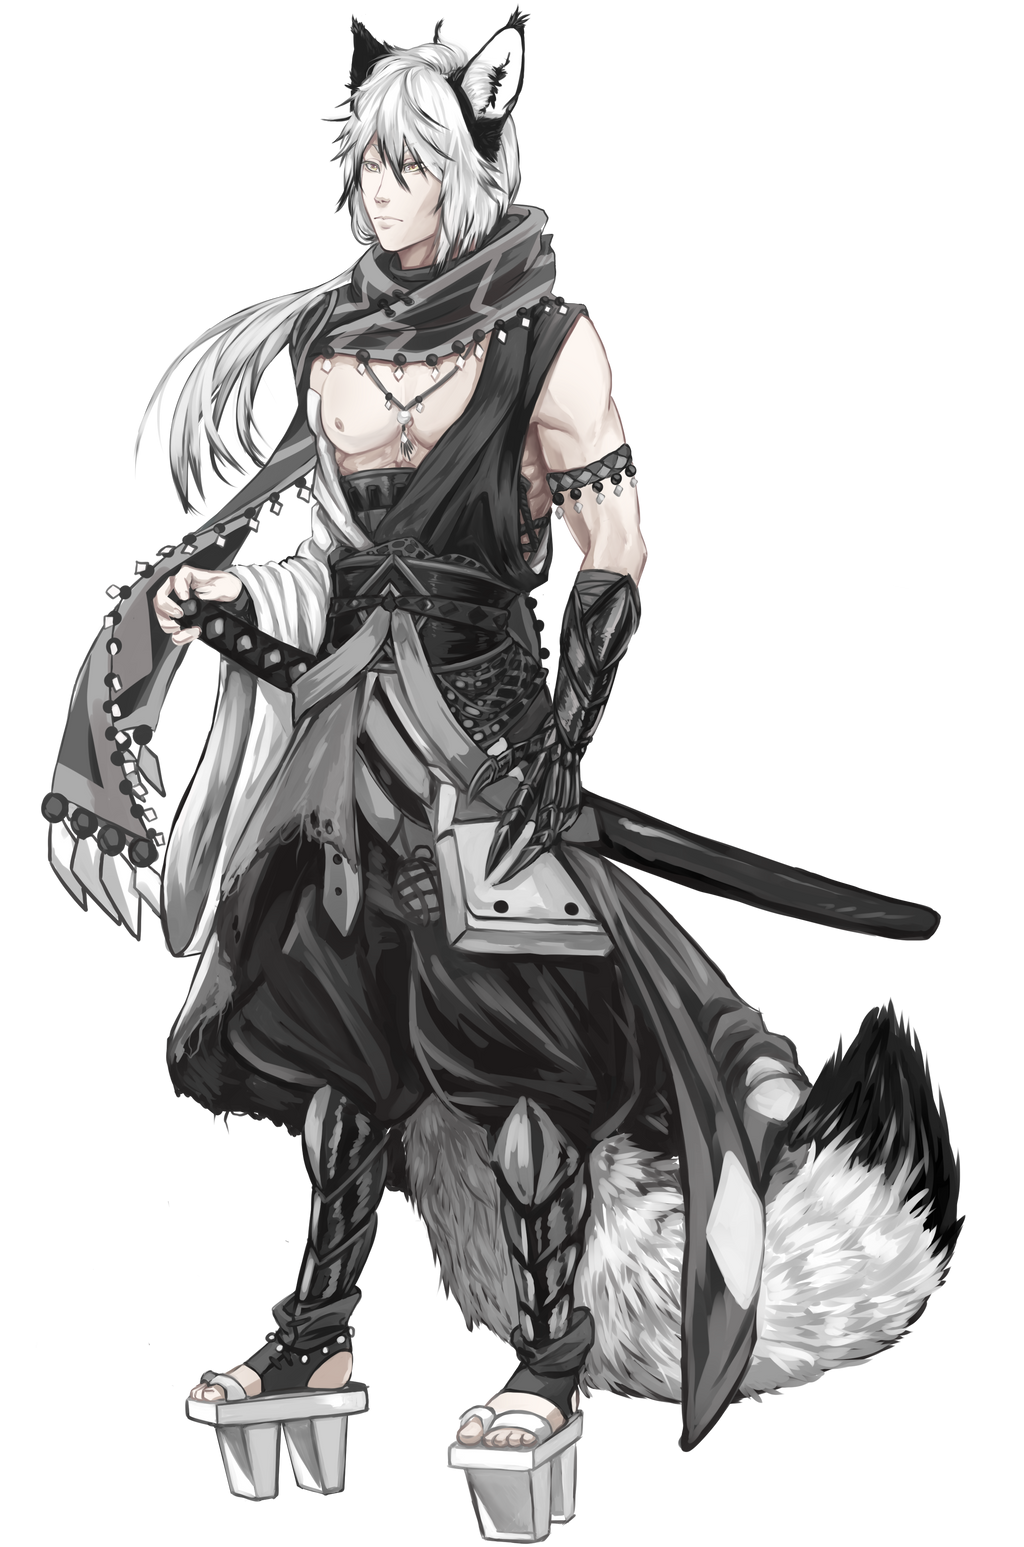 fox_ninja_by_shadowphoenixfox_dddi7fs-fullview.png